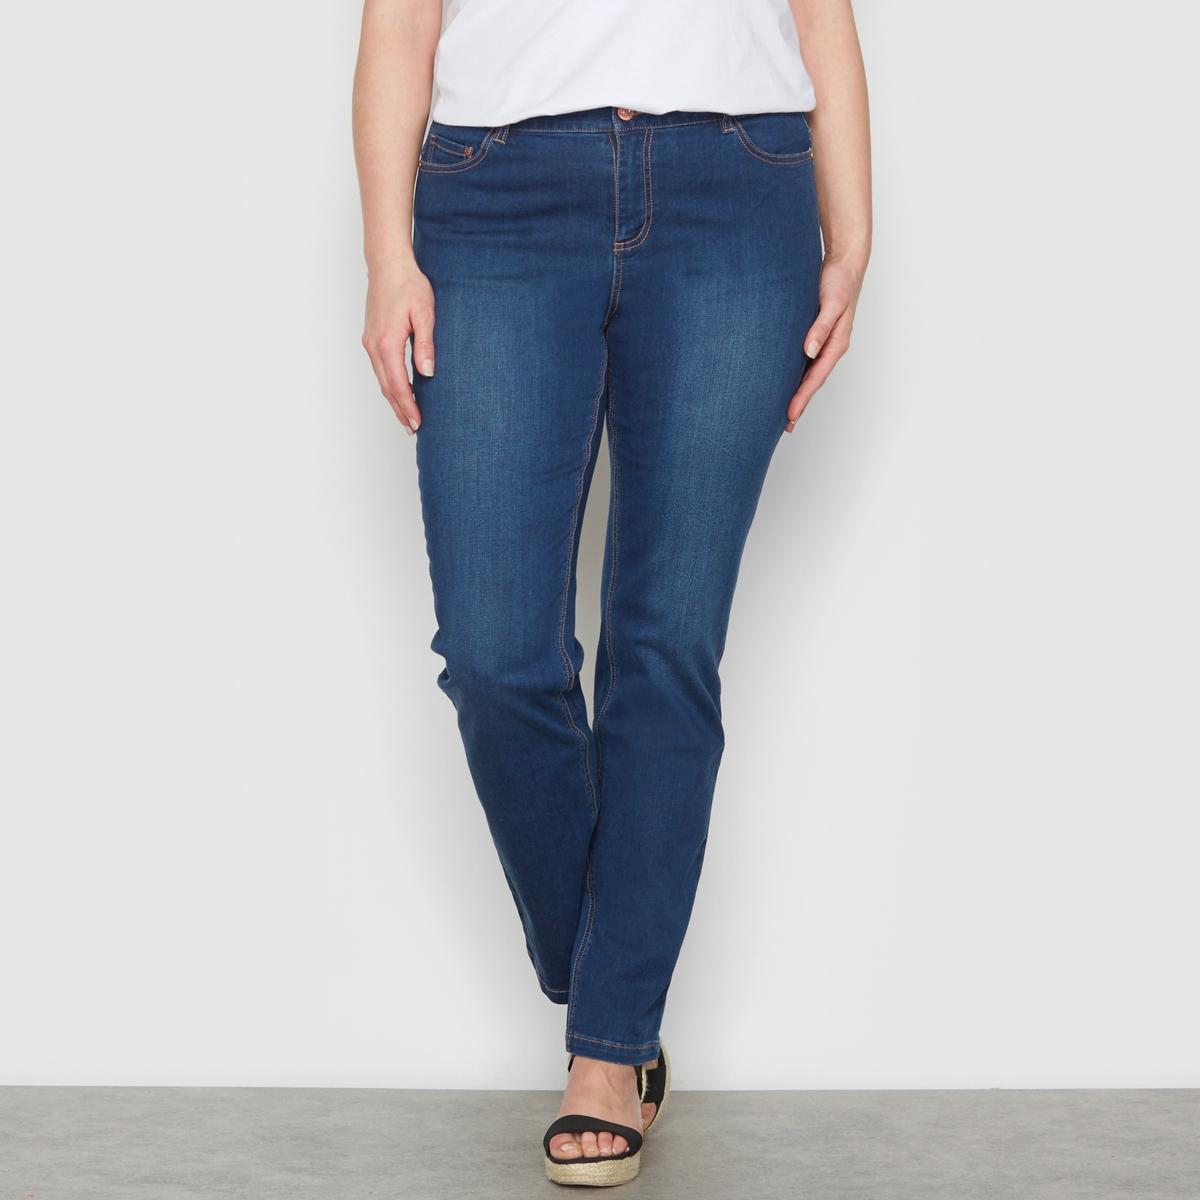 Джинсы прямого покроя стретч,  длина по внутр.шву ок. 78 смПодчеркивается талия, бедра, ягодицы зрительно округляются: прямые джинсы стретч отлично сидят и чрезвычайно удобны! 5 карманов. Рост от 1 м 65 см: длина по внутр.шву ок. 78 см..<br><br>Цвет: голубой потертый,синий потертый,темно-синий,черный<br>Размер: 58 (FR) - 64 (RUS).44 (FR) - 50 (RUS).56 (FR) - 62 (RUS).42 (FR) - 48 (RUS).44 (FR) - 50 (RUS).48 (FR) - 54 (RUS).50 (FR) - 56 (RUS).52 (FR) - 58 (RUS).56 (FR) - 62 (RUS).52 (FR) - 58 (RUS).48 (FR) - 54 (RUS).50 (FR) - 56 (RUS)